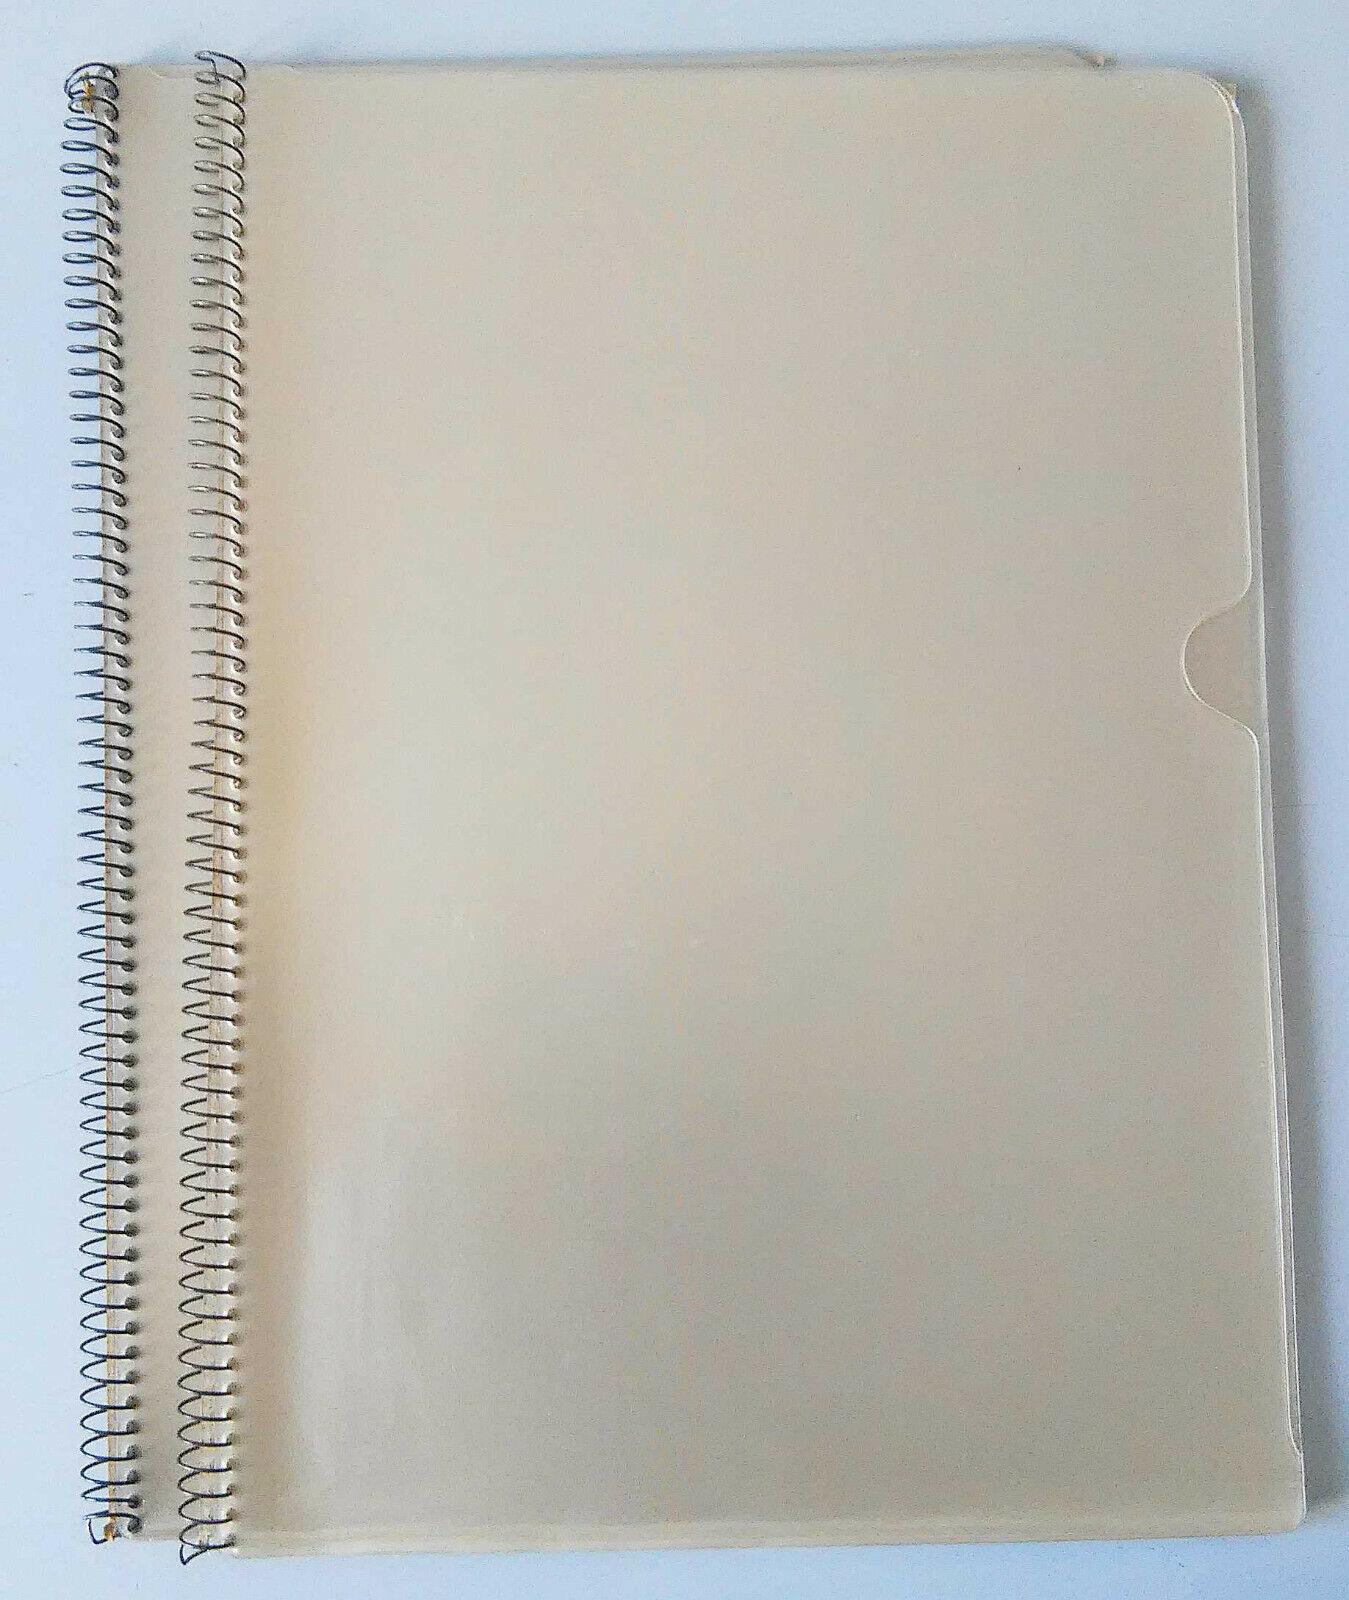 2 Präsentations-/Archiv-/Dokumenten-Mappen A4 je 8 Sichthüllen Spiralbindung ben